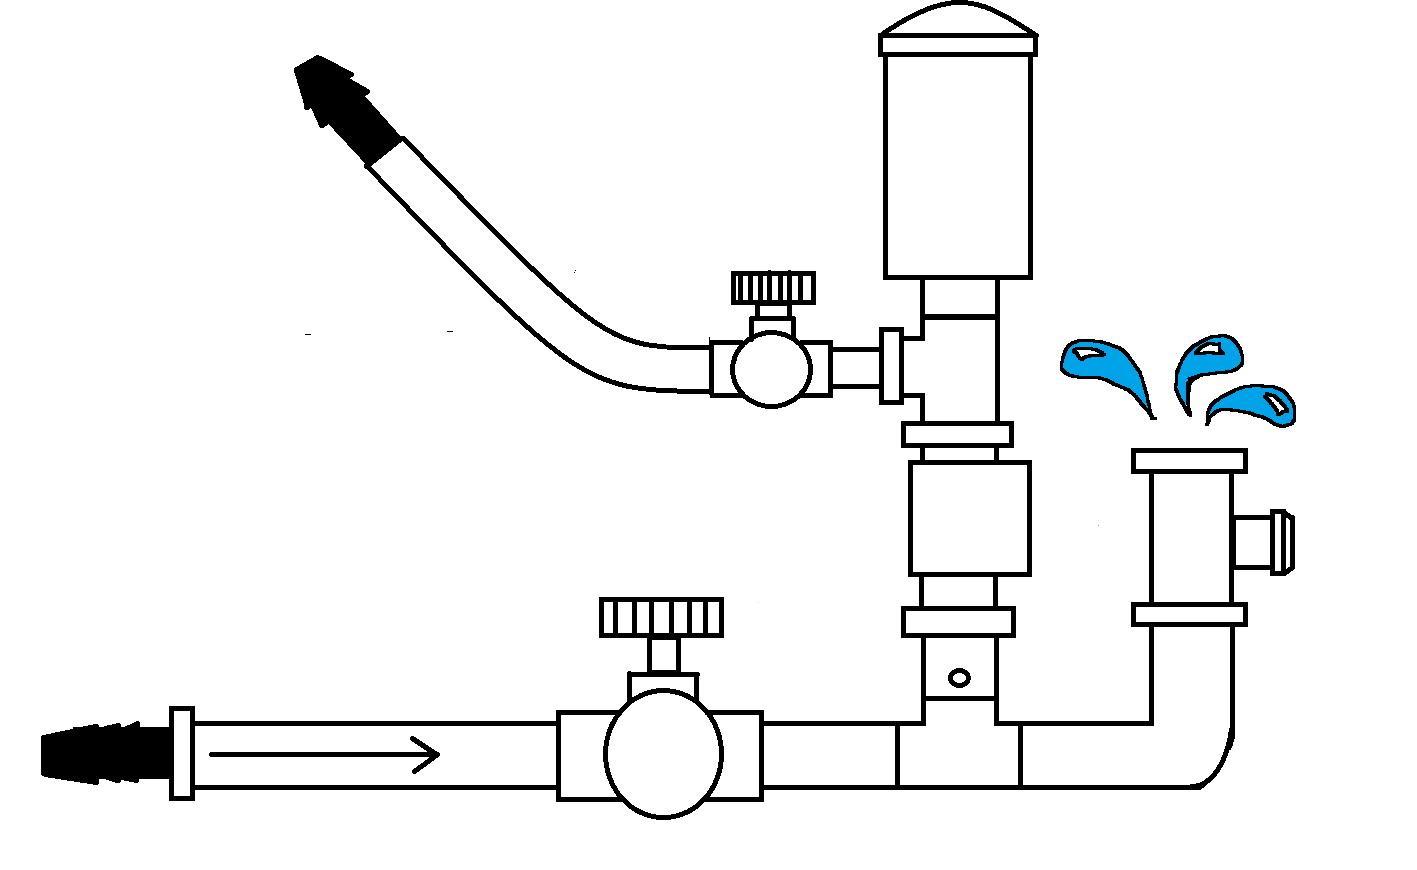 hydraulic ram diagram loncin 50cc quad wiring water network elsavadorla